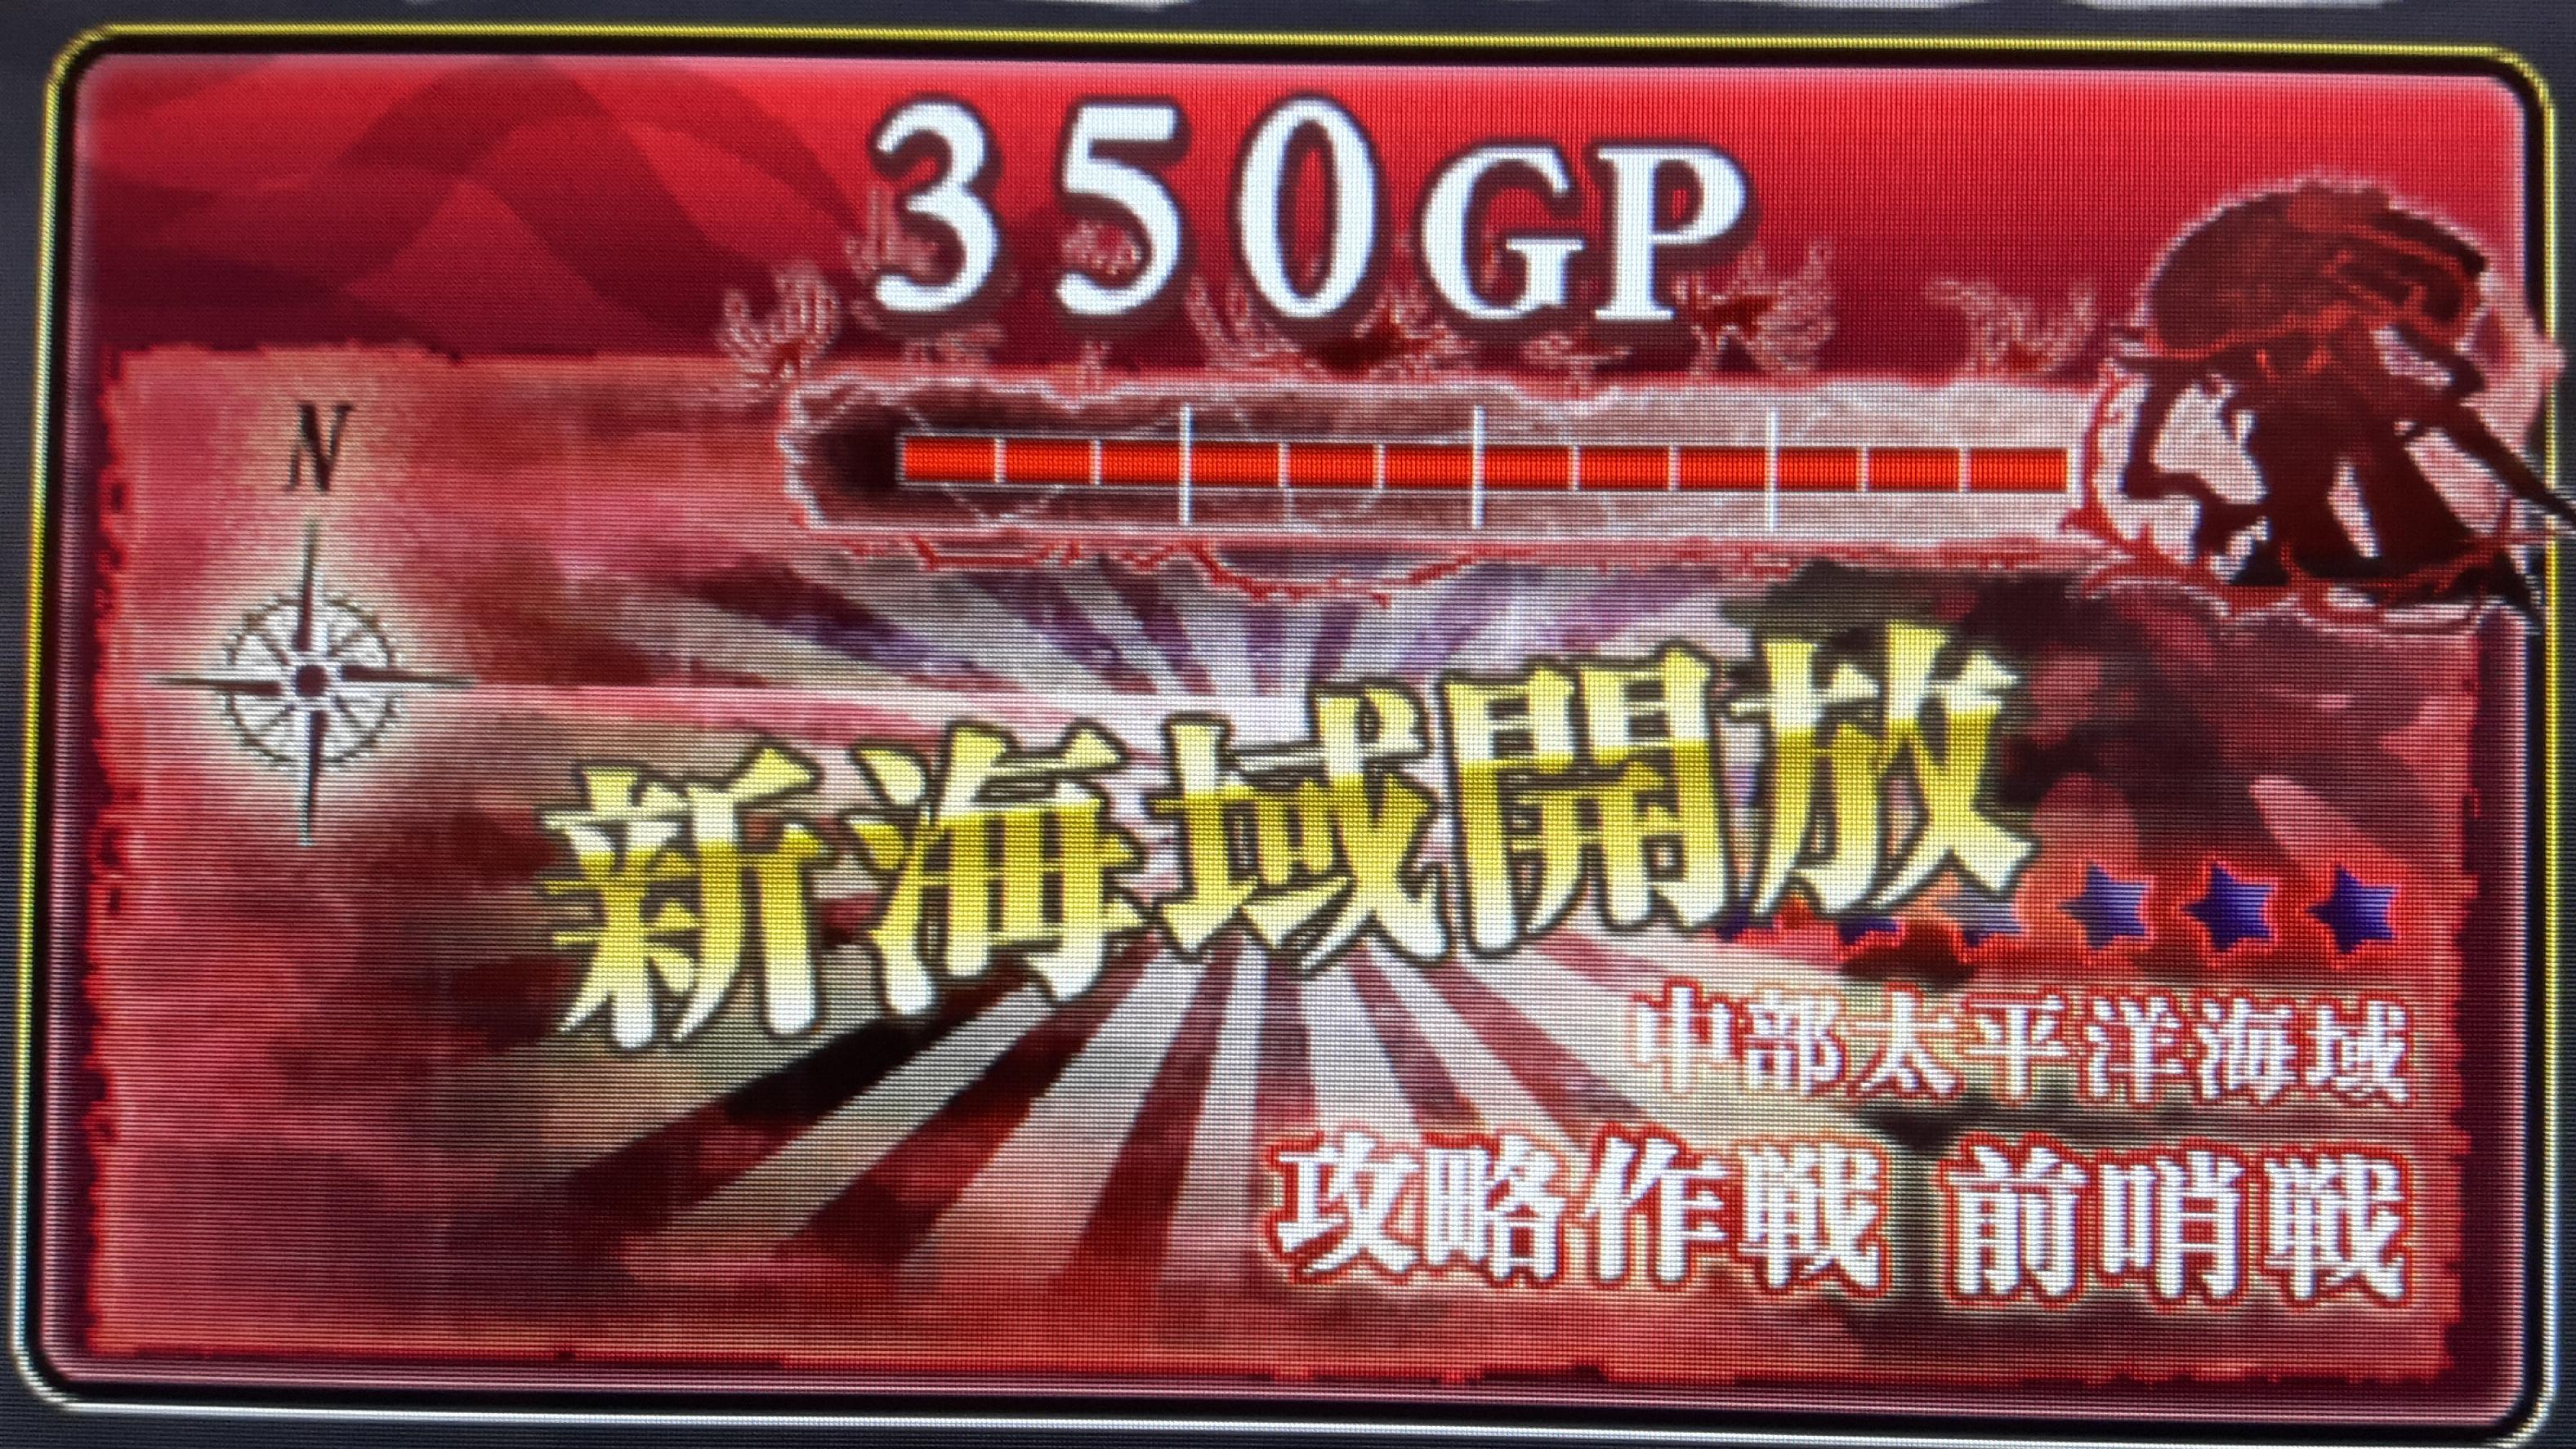 【AC】E4 攻略作戦 前哨戦(甲作戦)攻略 ※12/16更新